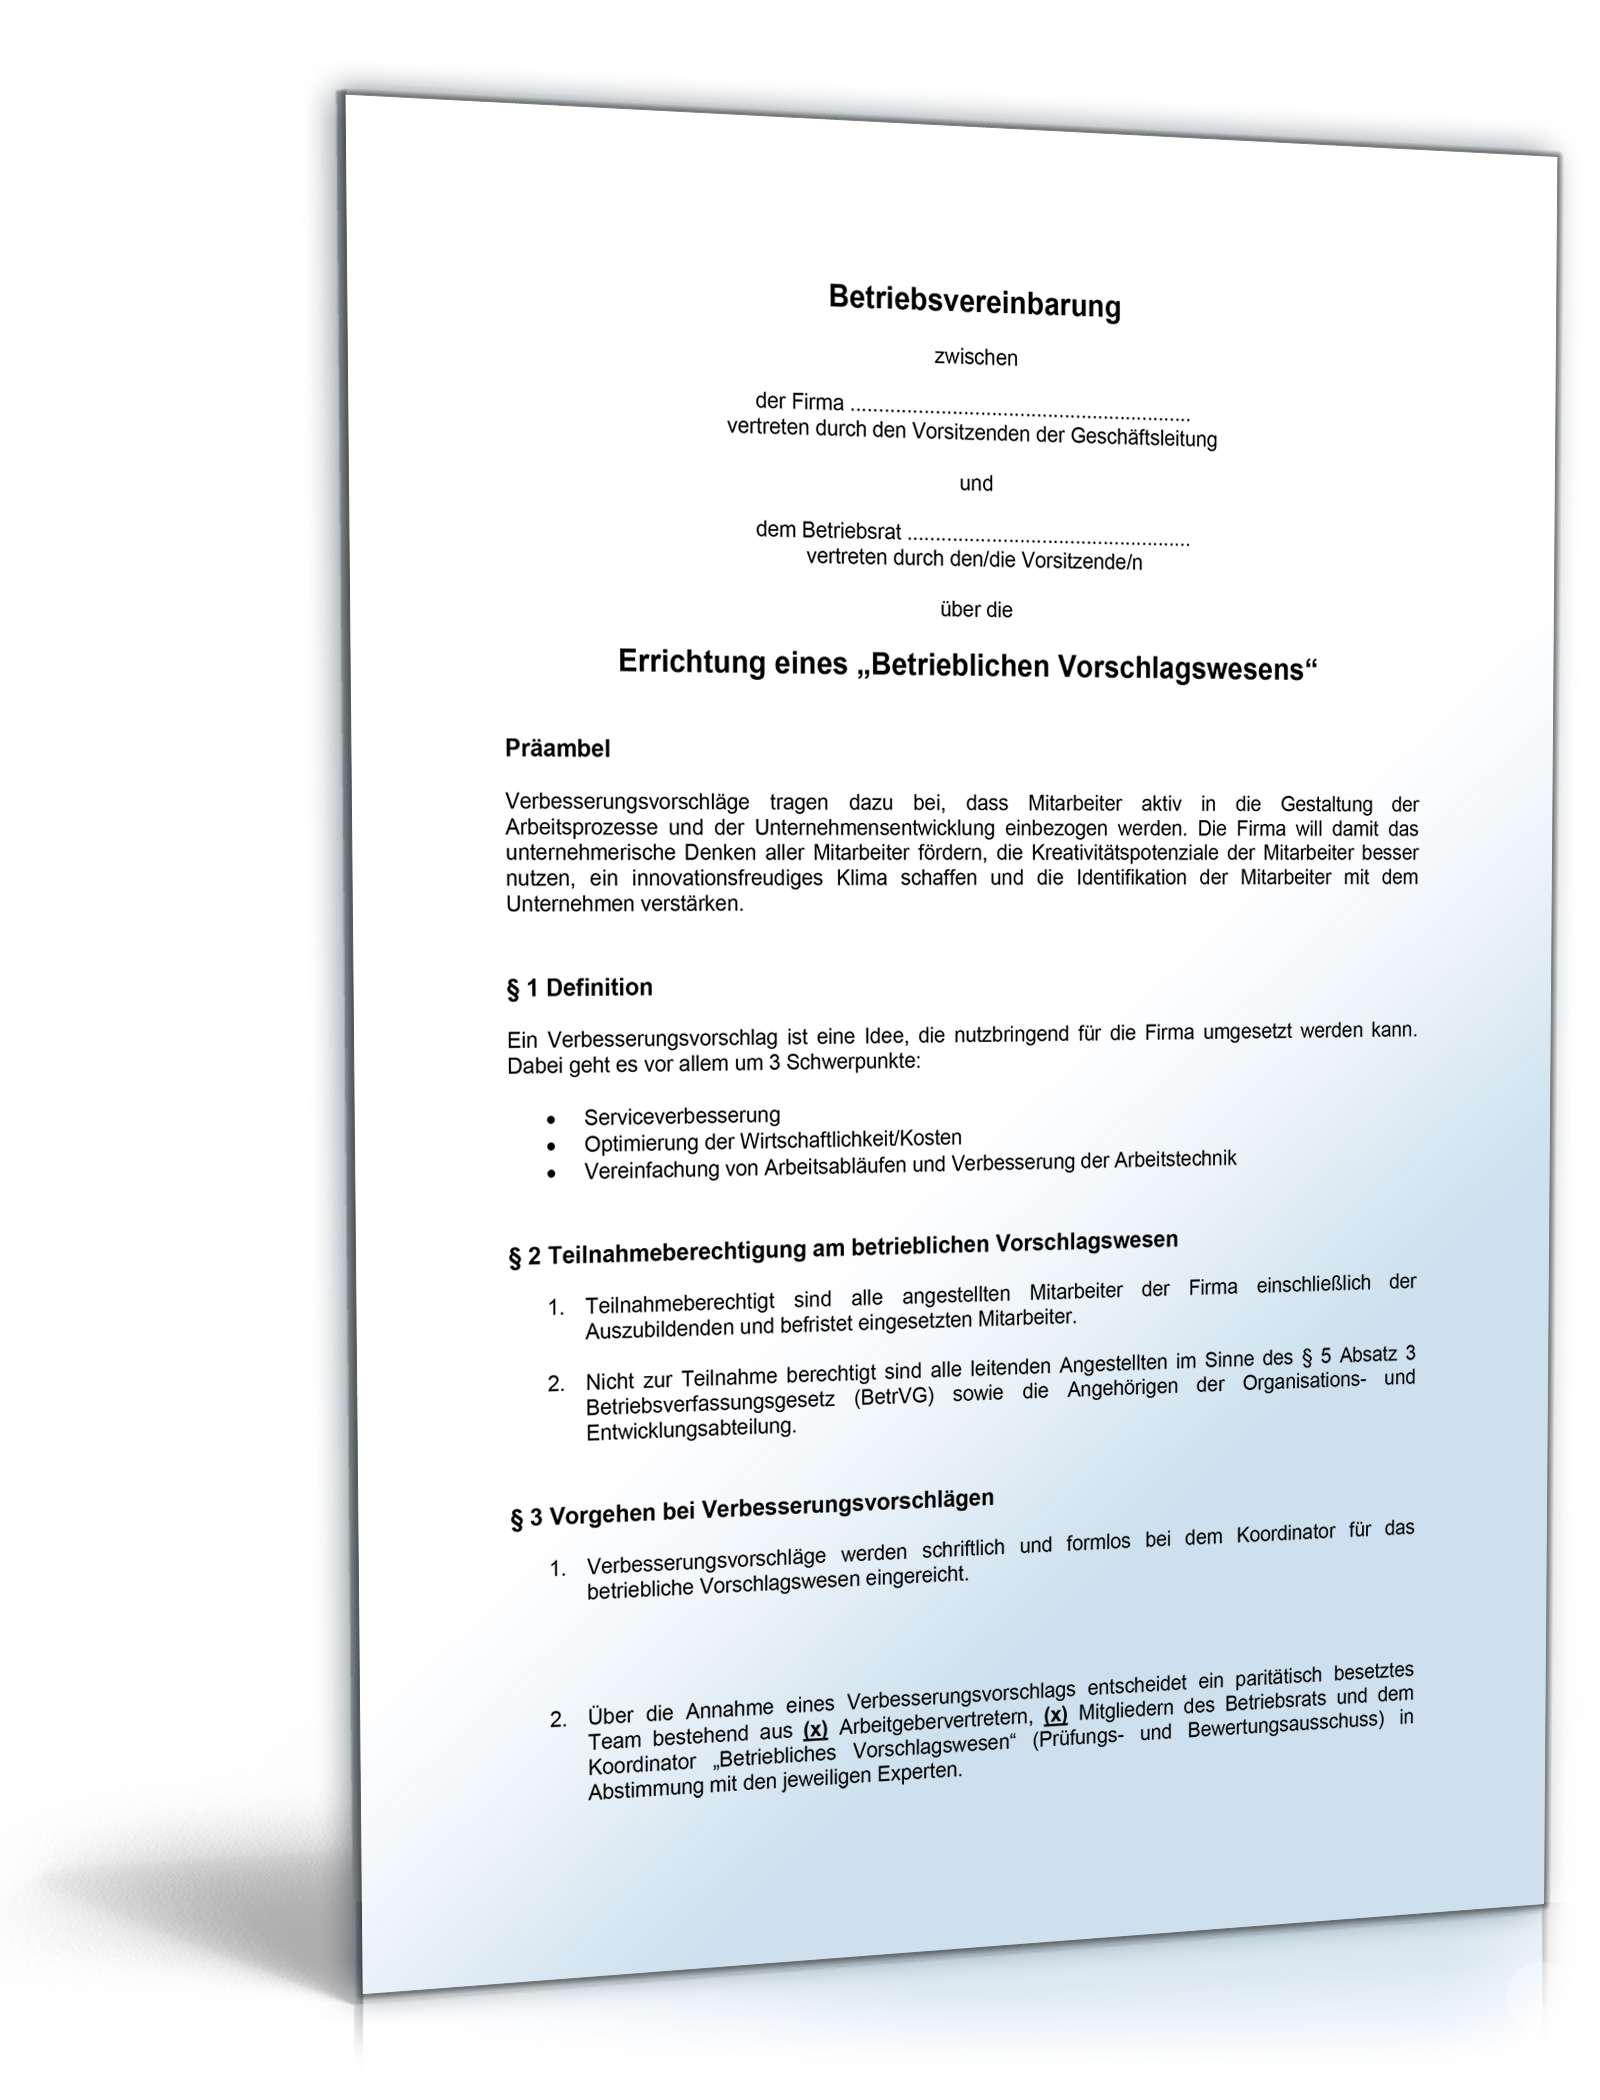 betriebsvereinbarung vorschlagswesen - Muster Betriebsvereinbarung